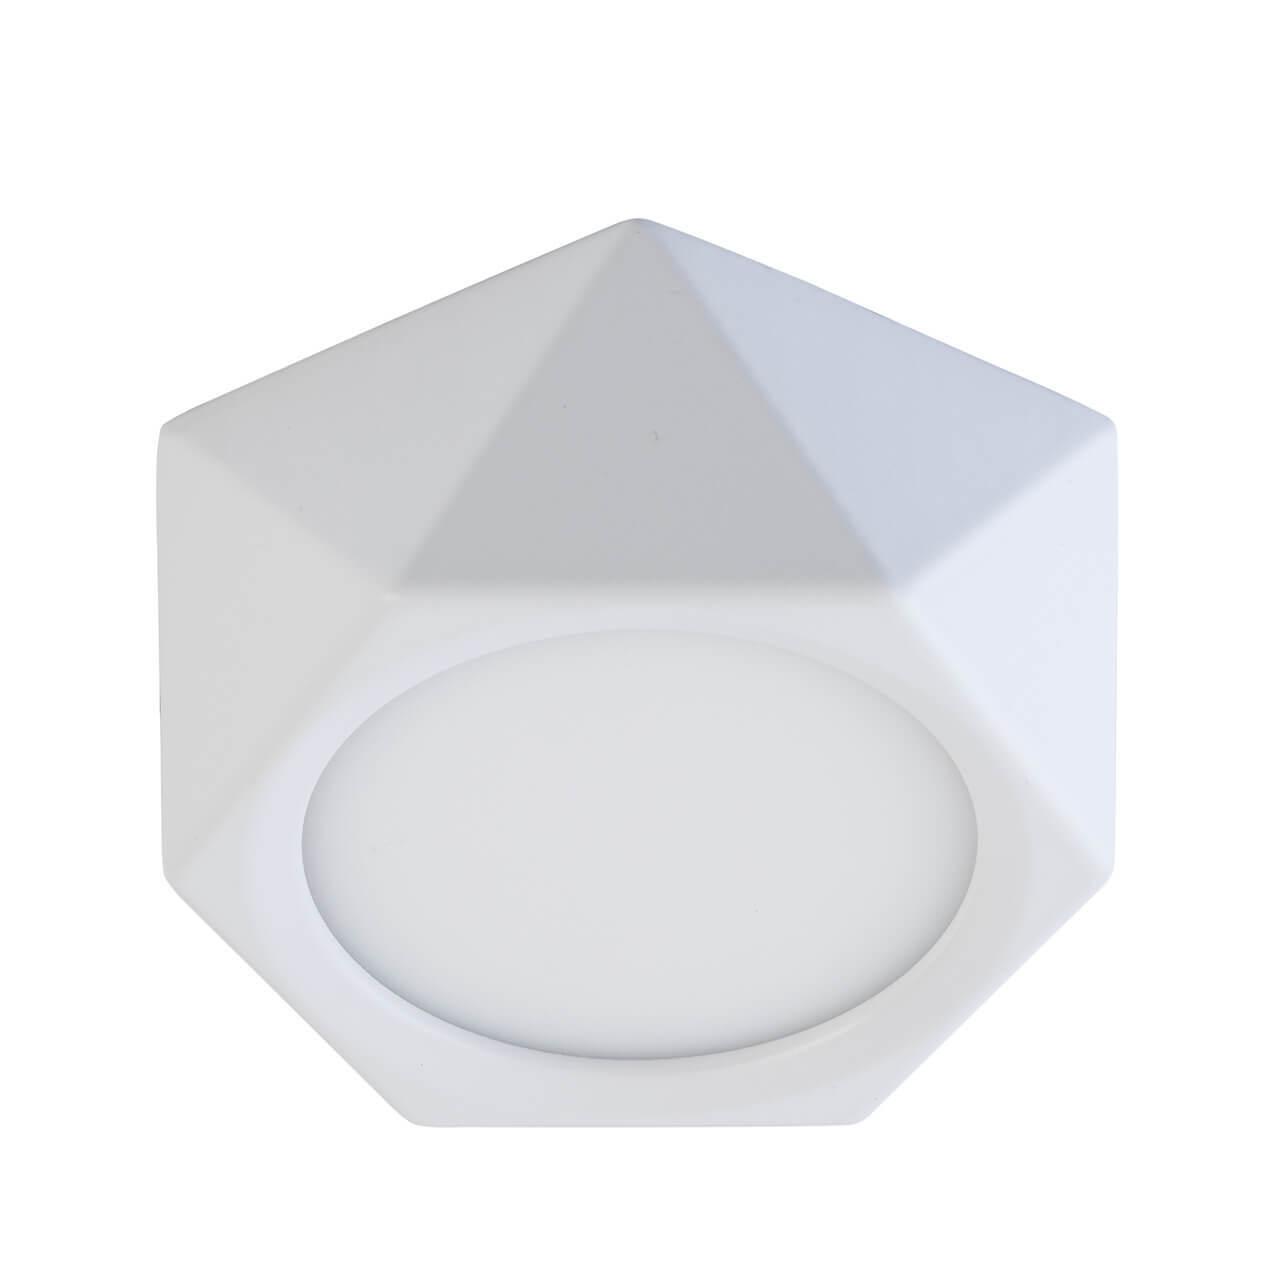 Потолочный светодиодный светильник De Markt Стаут 4 702011001 потолочный светодиодный светильник de markt стаут 4 702011001